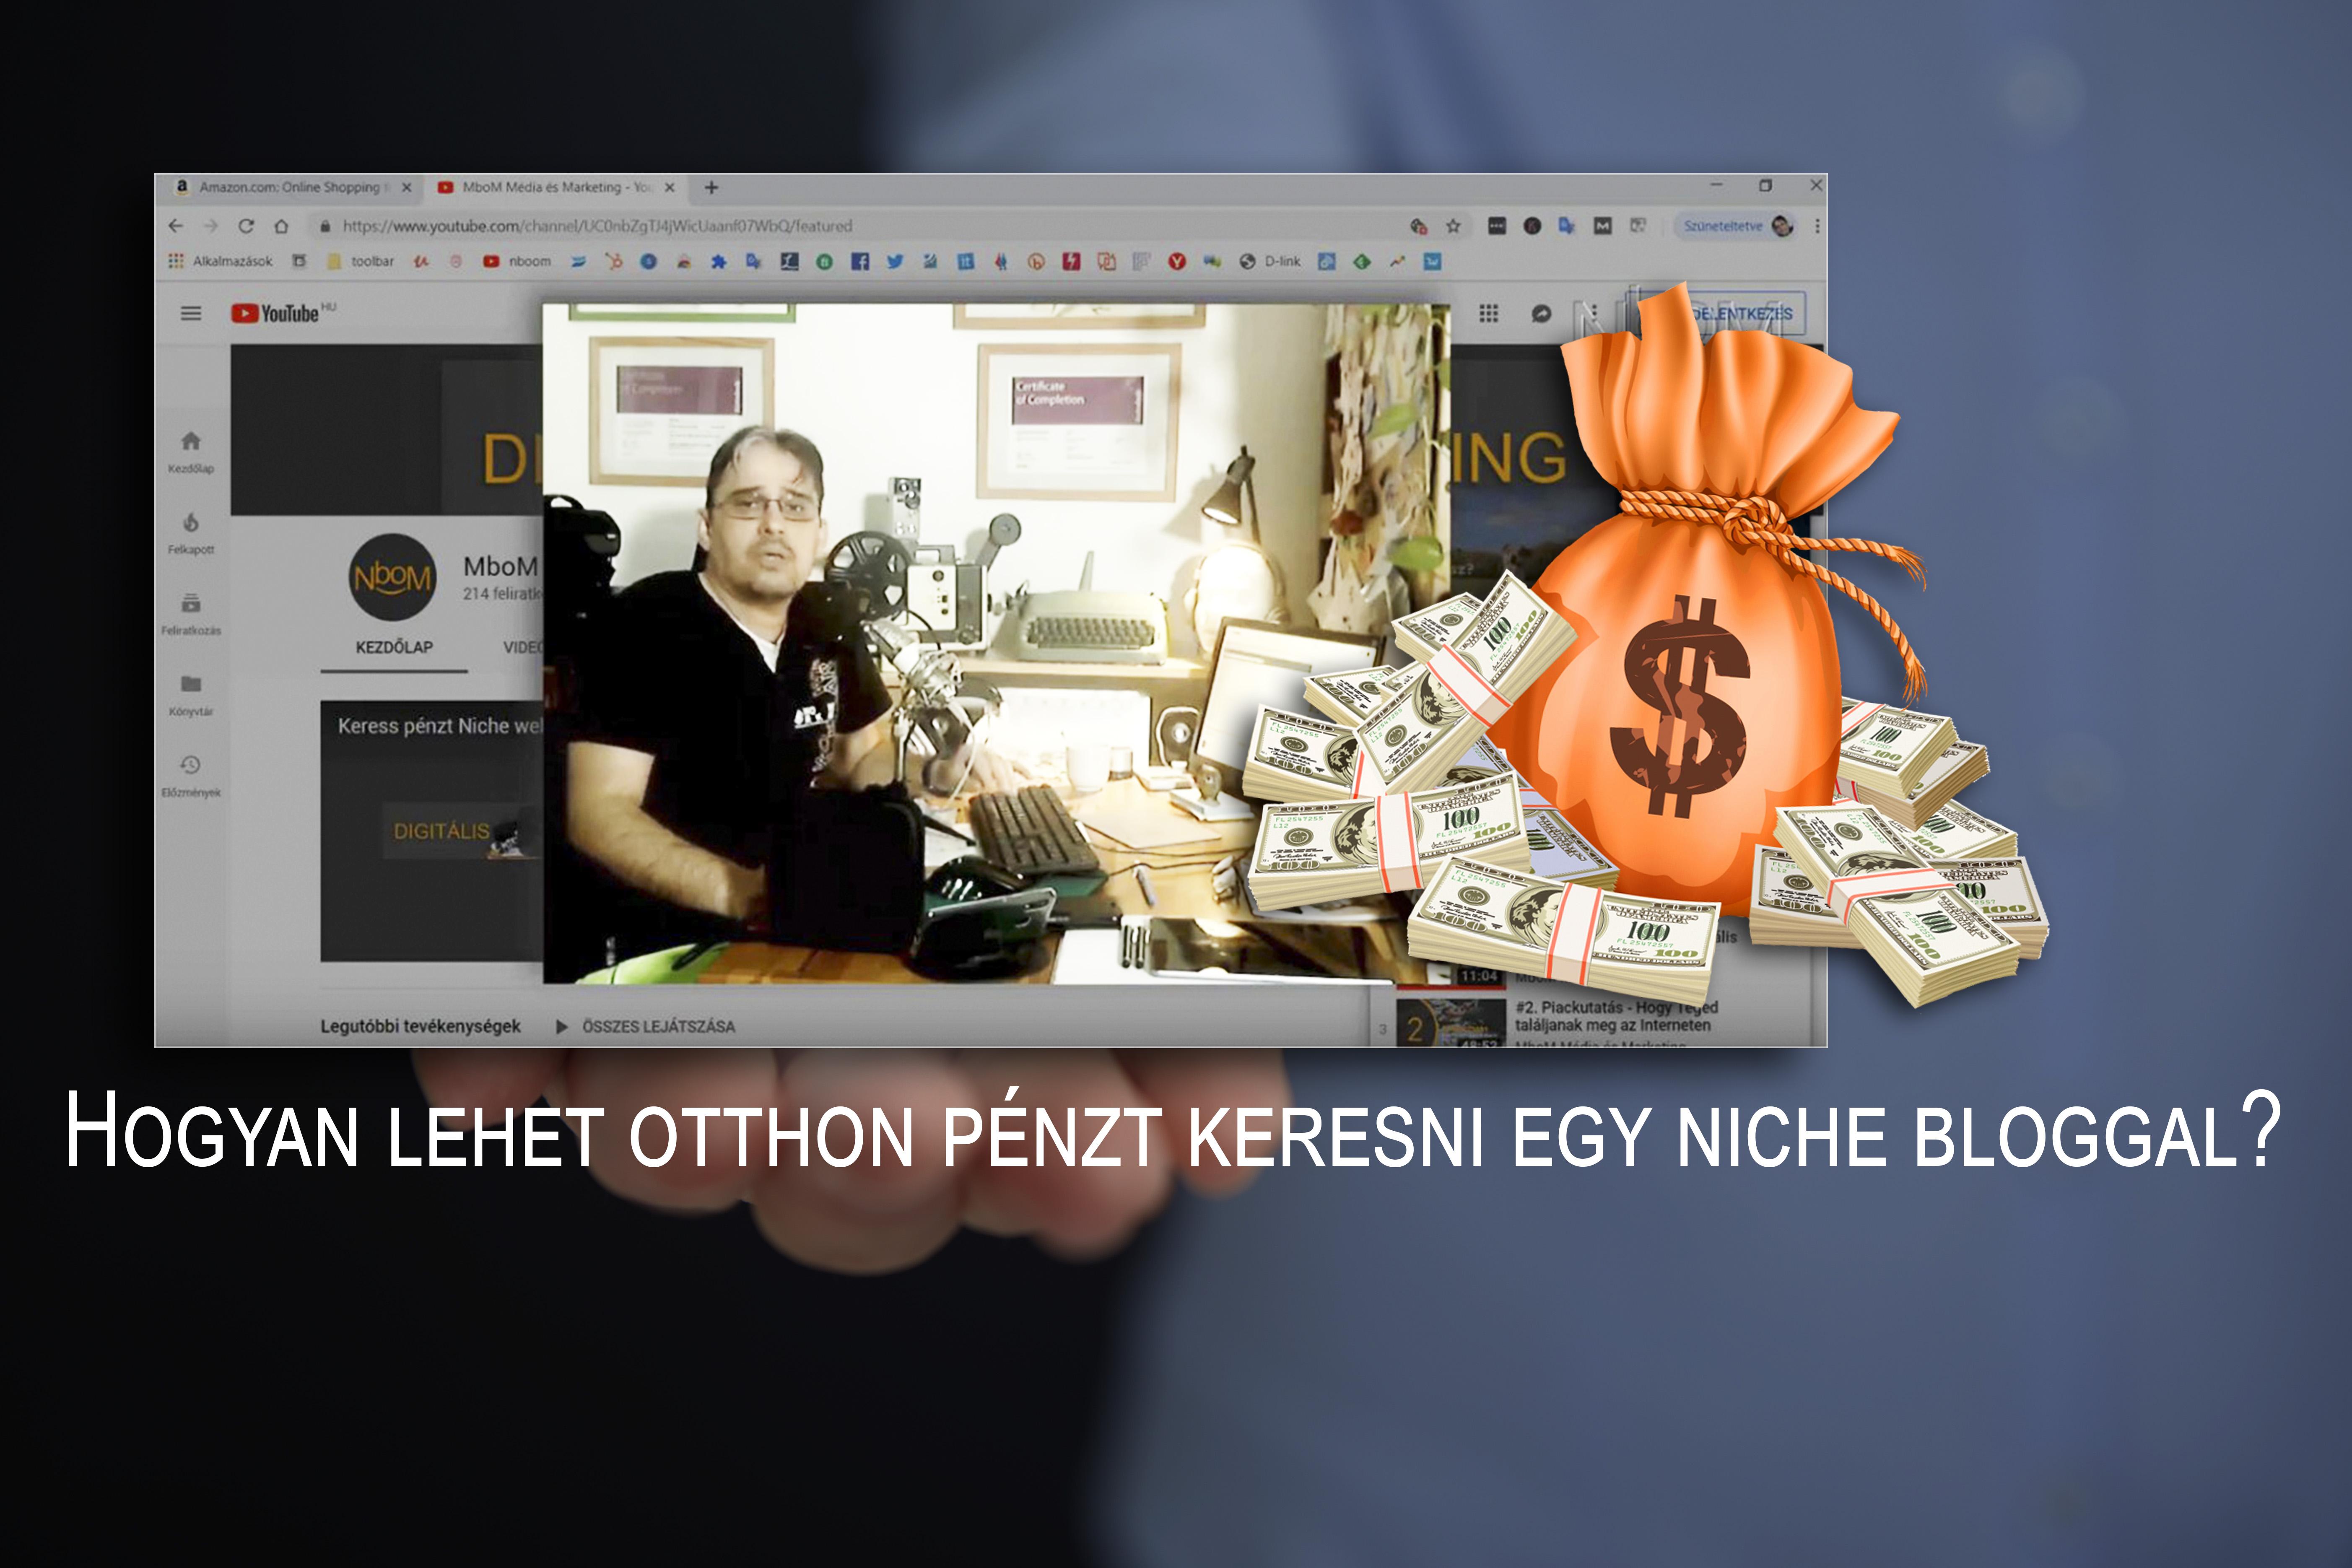 weboldal, ahol pénzt lehet keresni jelölje meg a bináris opciók videót